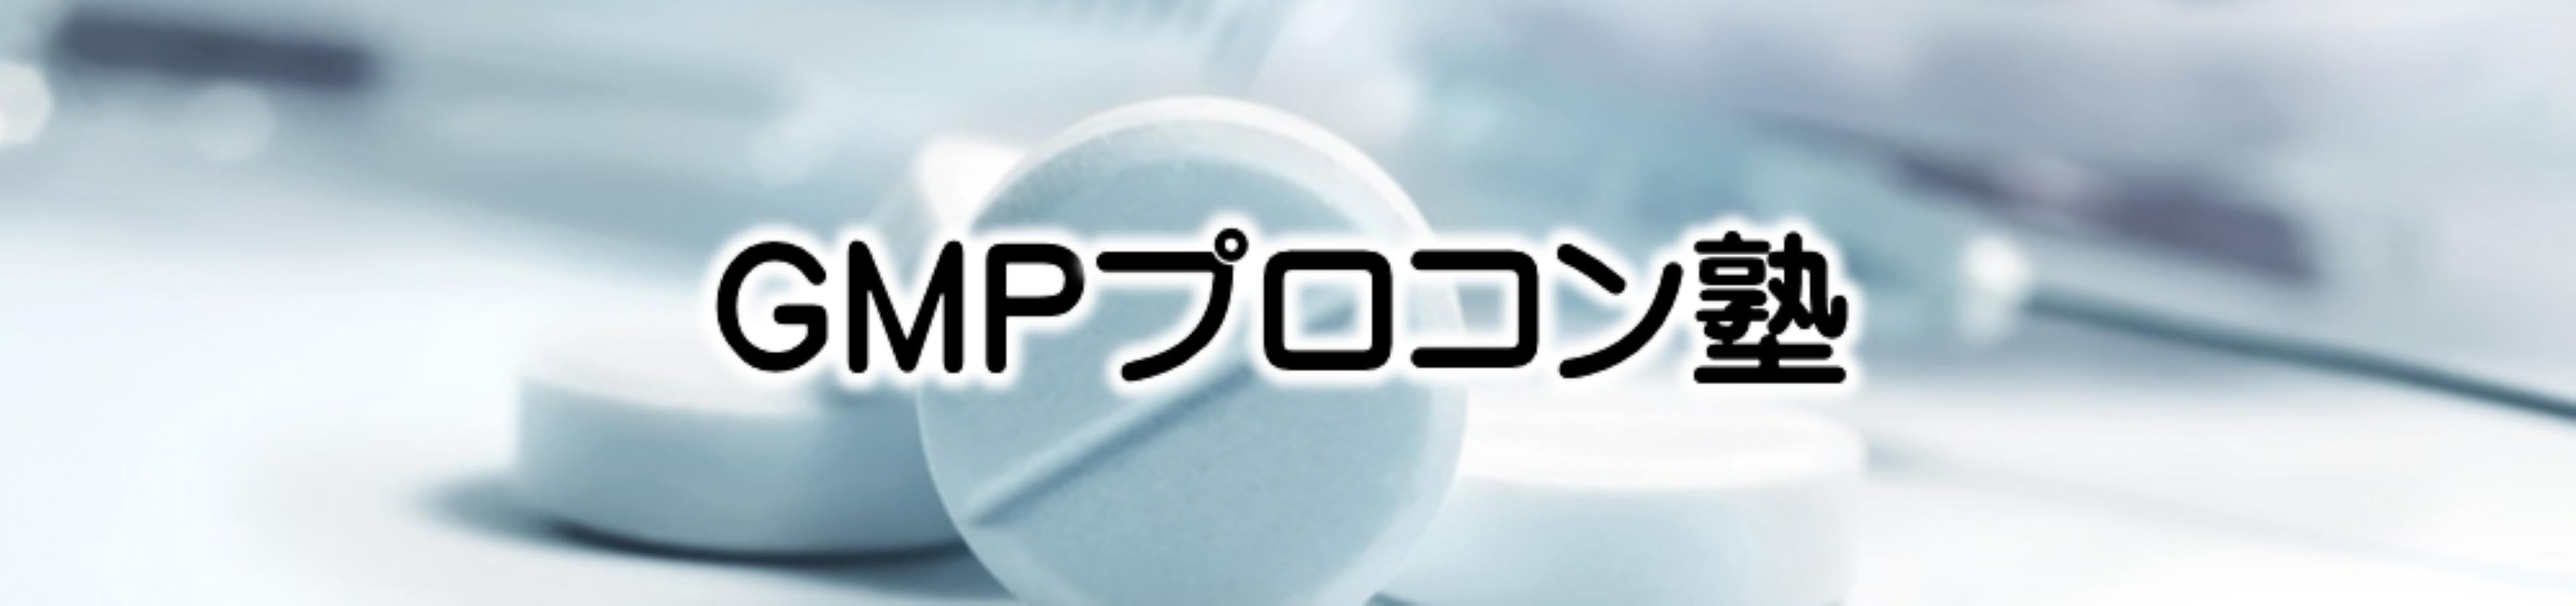 プロコン塾1387ピクセル